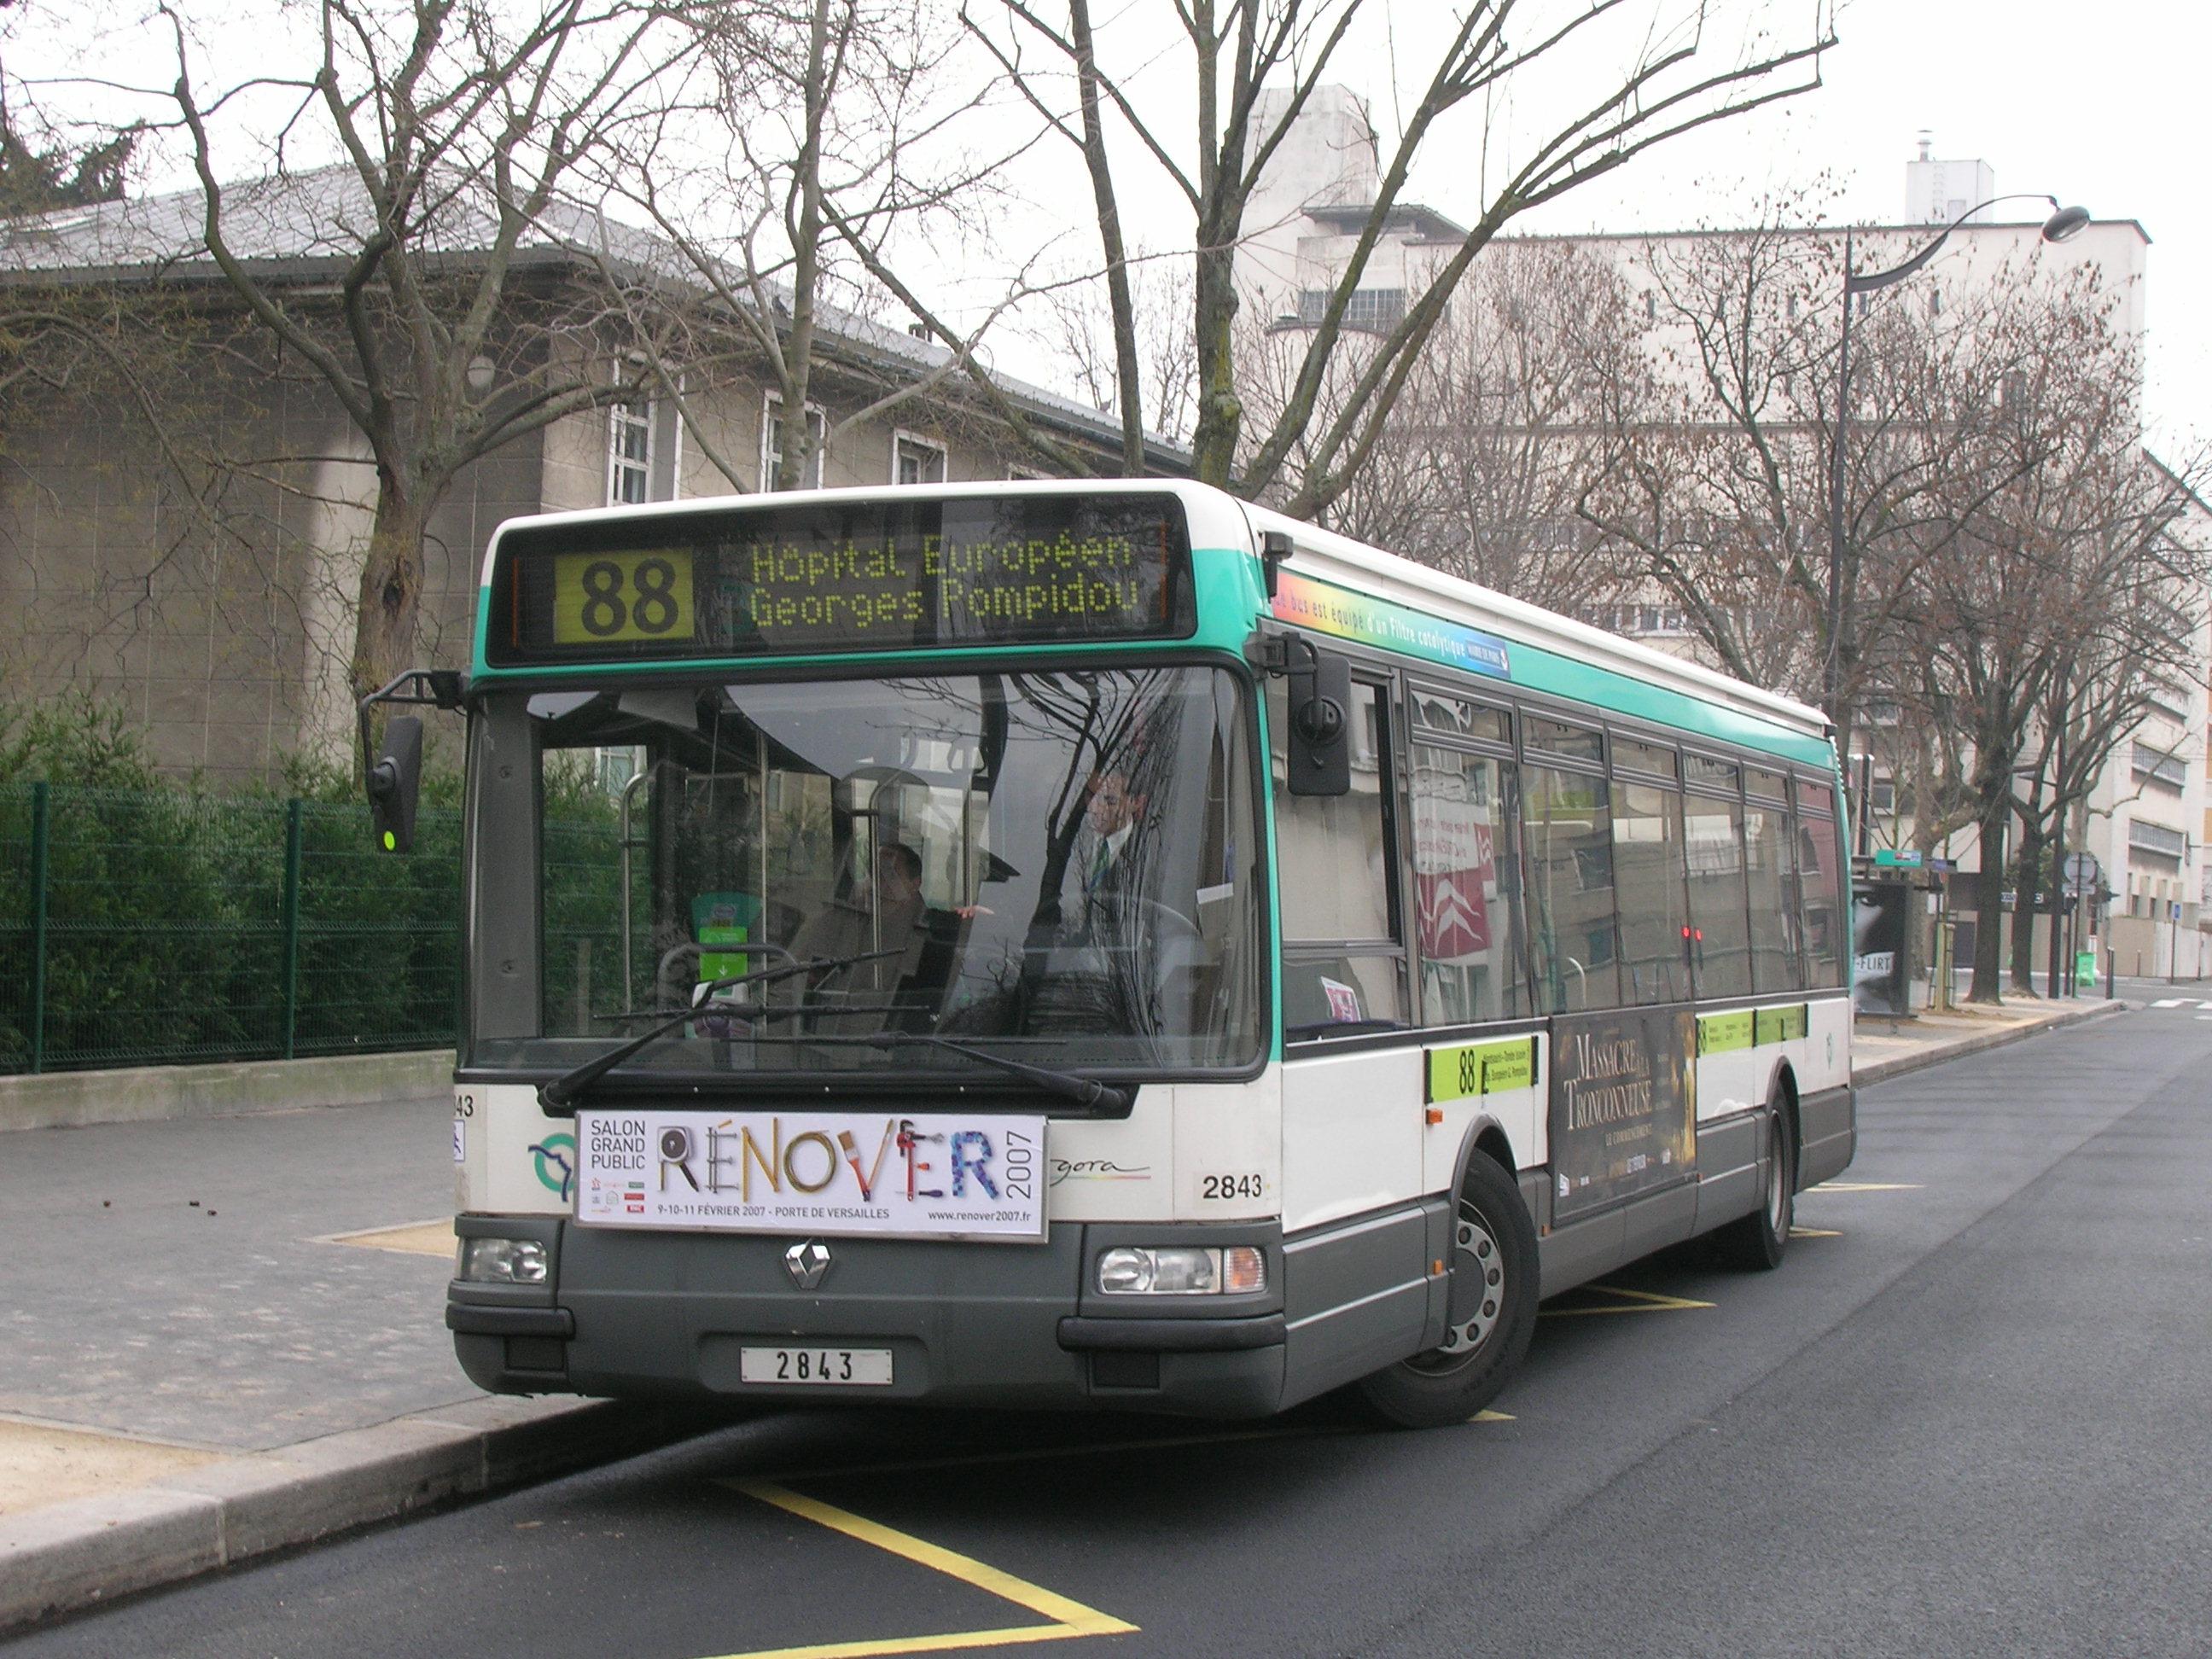 du nouveau pour les lignes de bus ratp 88 et 281 mat riel liber pour les lignes de bus ratp. Black Bedroom Furniture Sets. Home Design Ideas